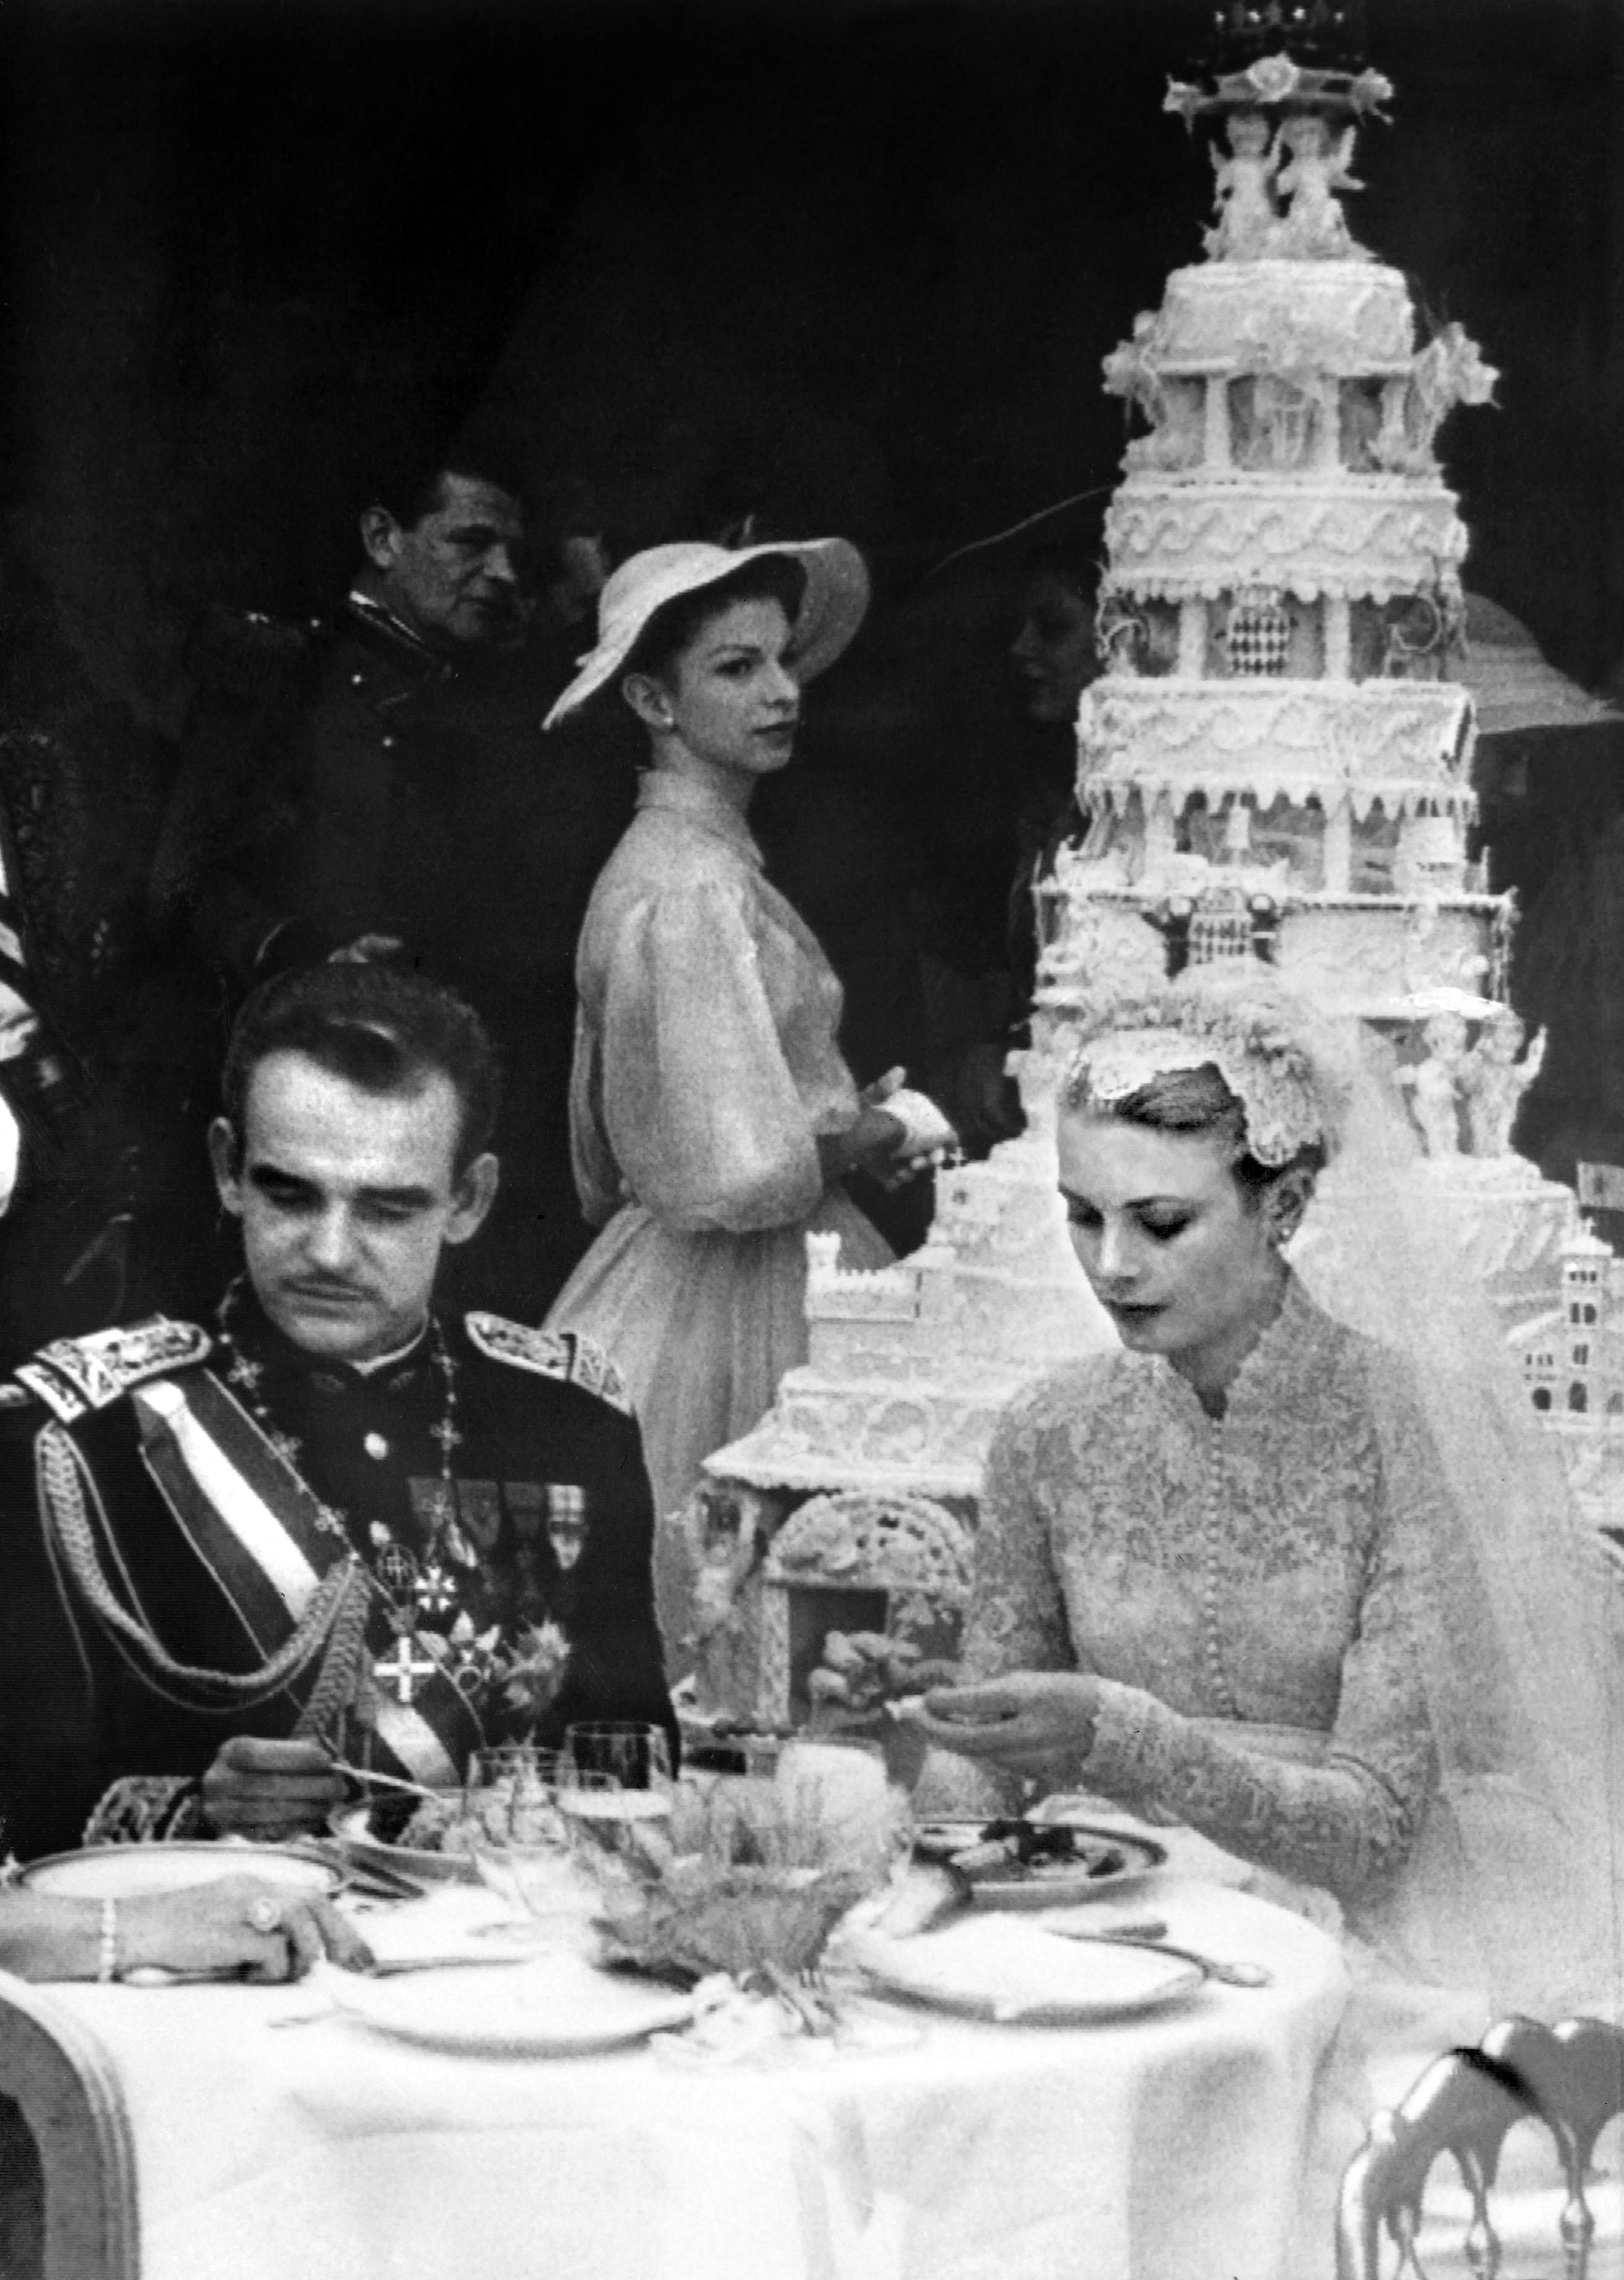 Prince Rainier III of Monaco and US actress Grace Kelly wedding